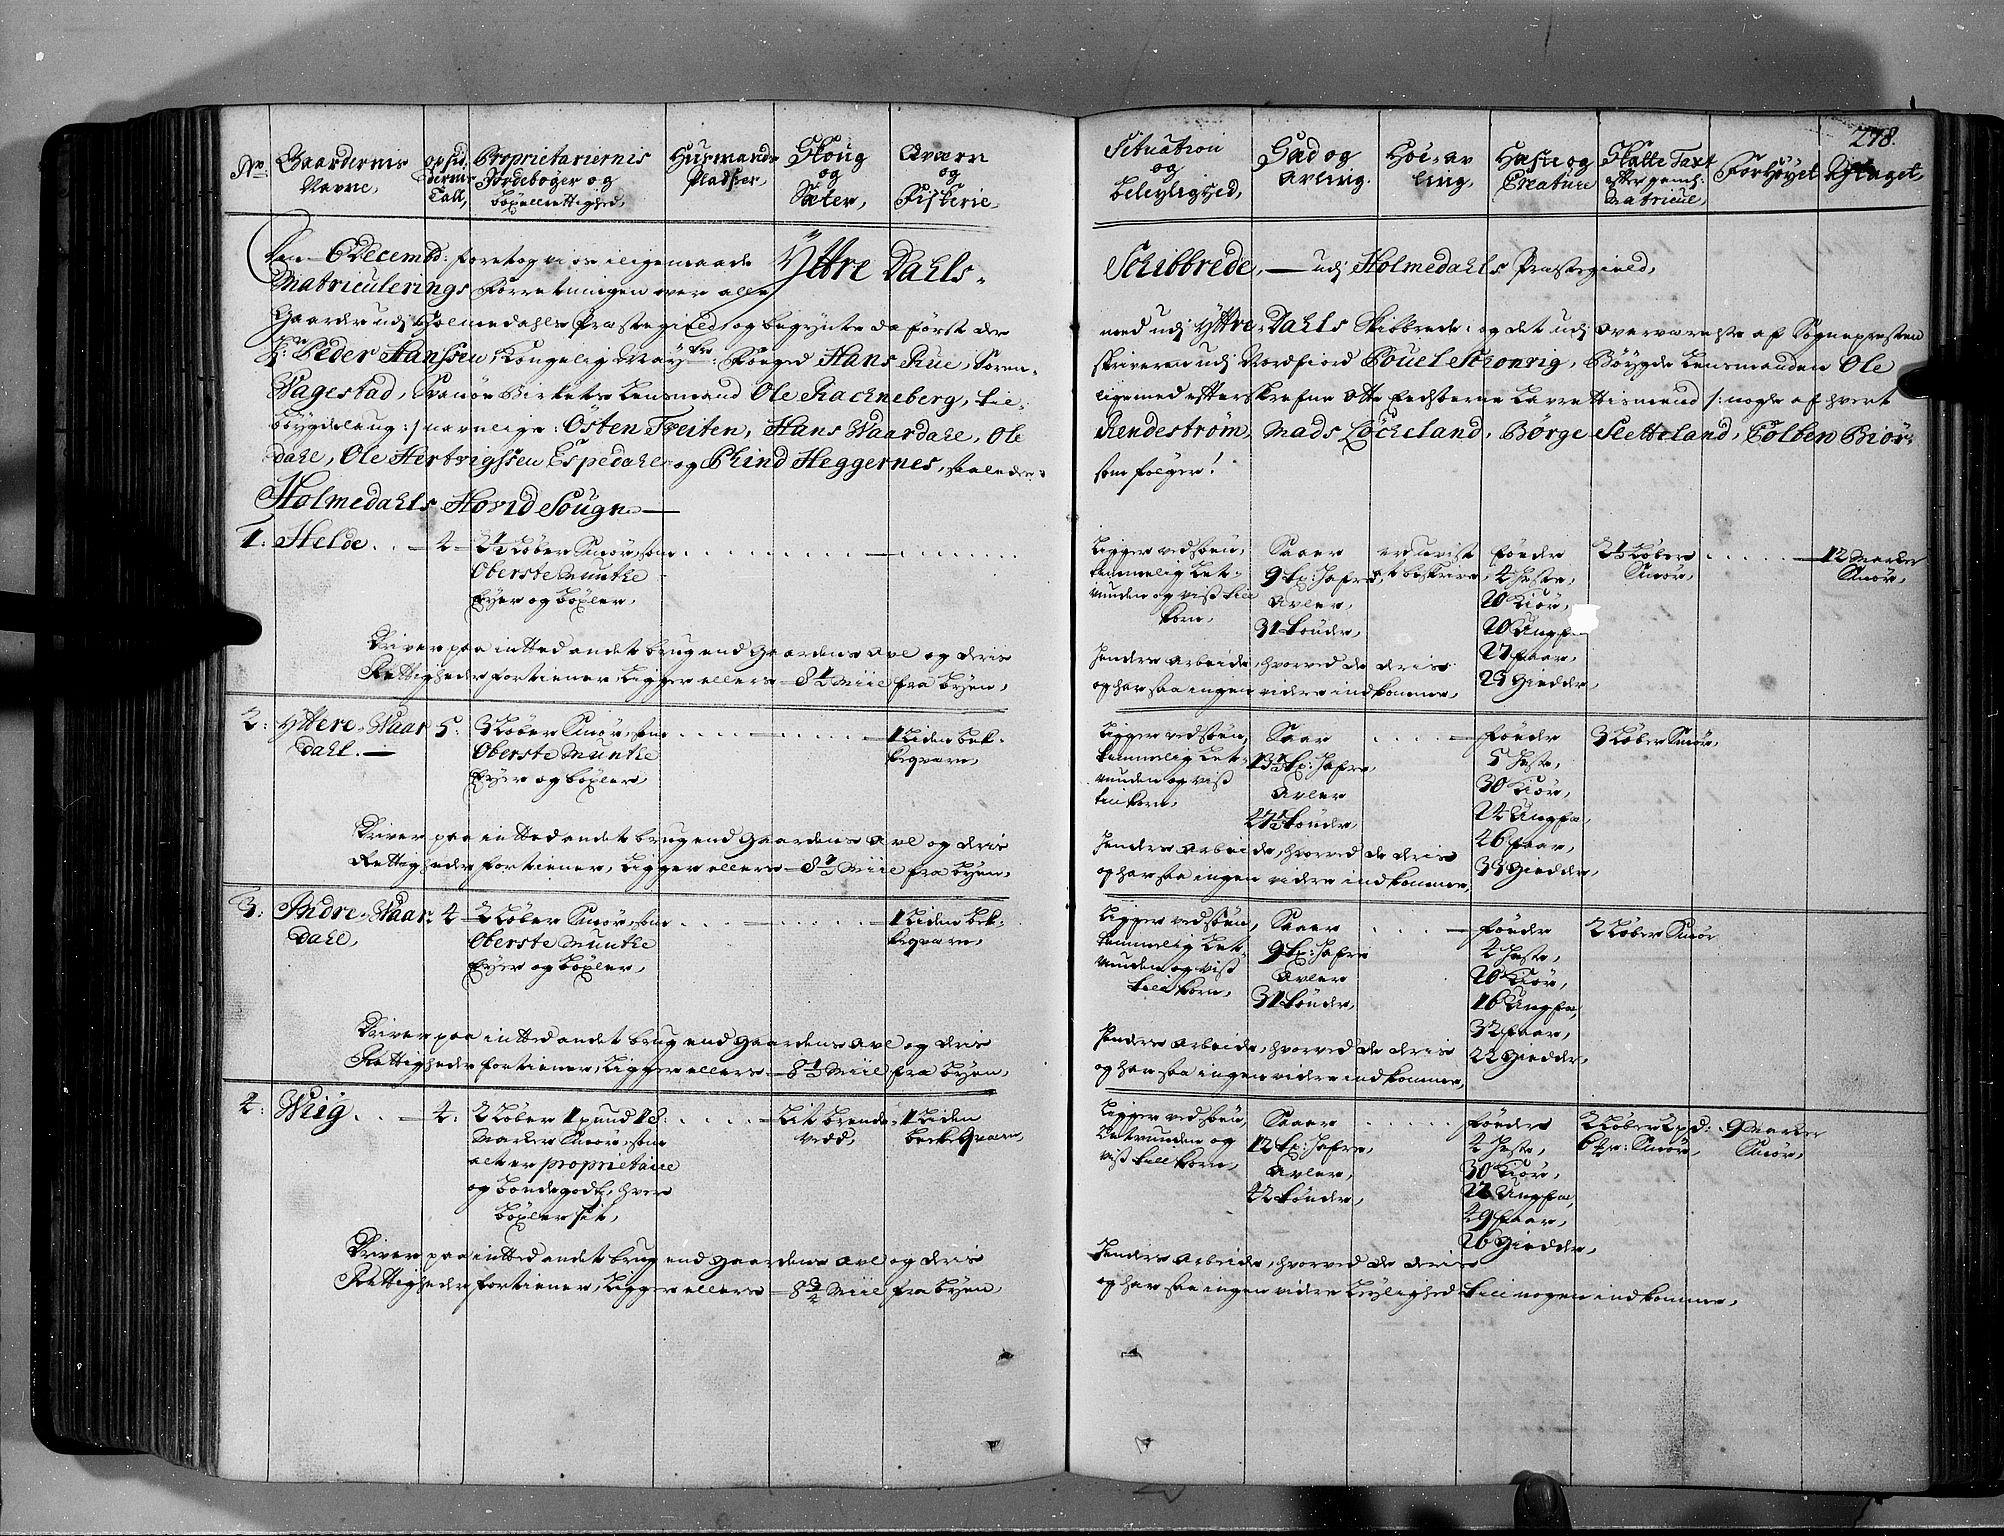 RA, Rentekammeret inntil 1814, Realistisk ordnet avdeling, N/Nb/Nbf/L0146: Sunnfjord og Nordfjord eksaminasjonsprotokoll, 1723, s. 277b-278a